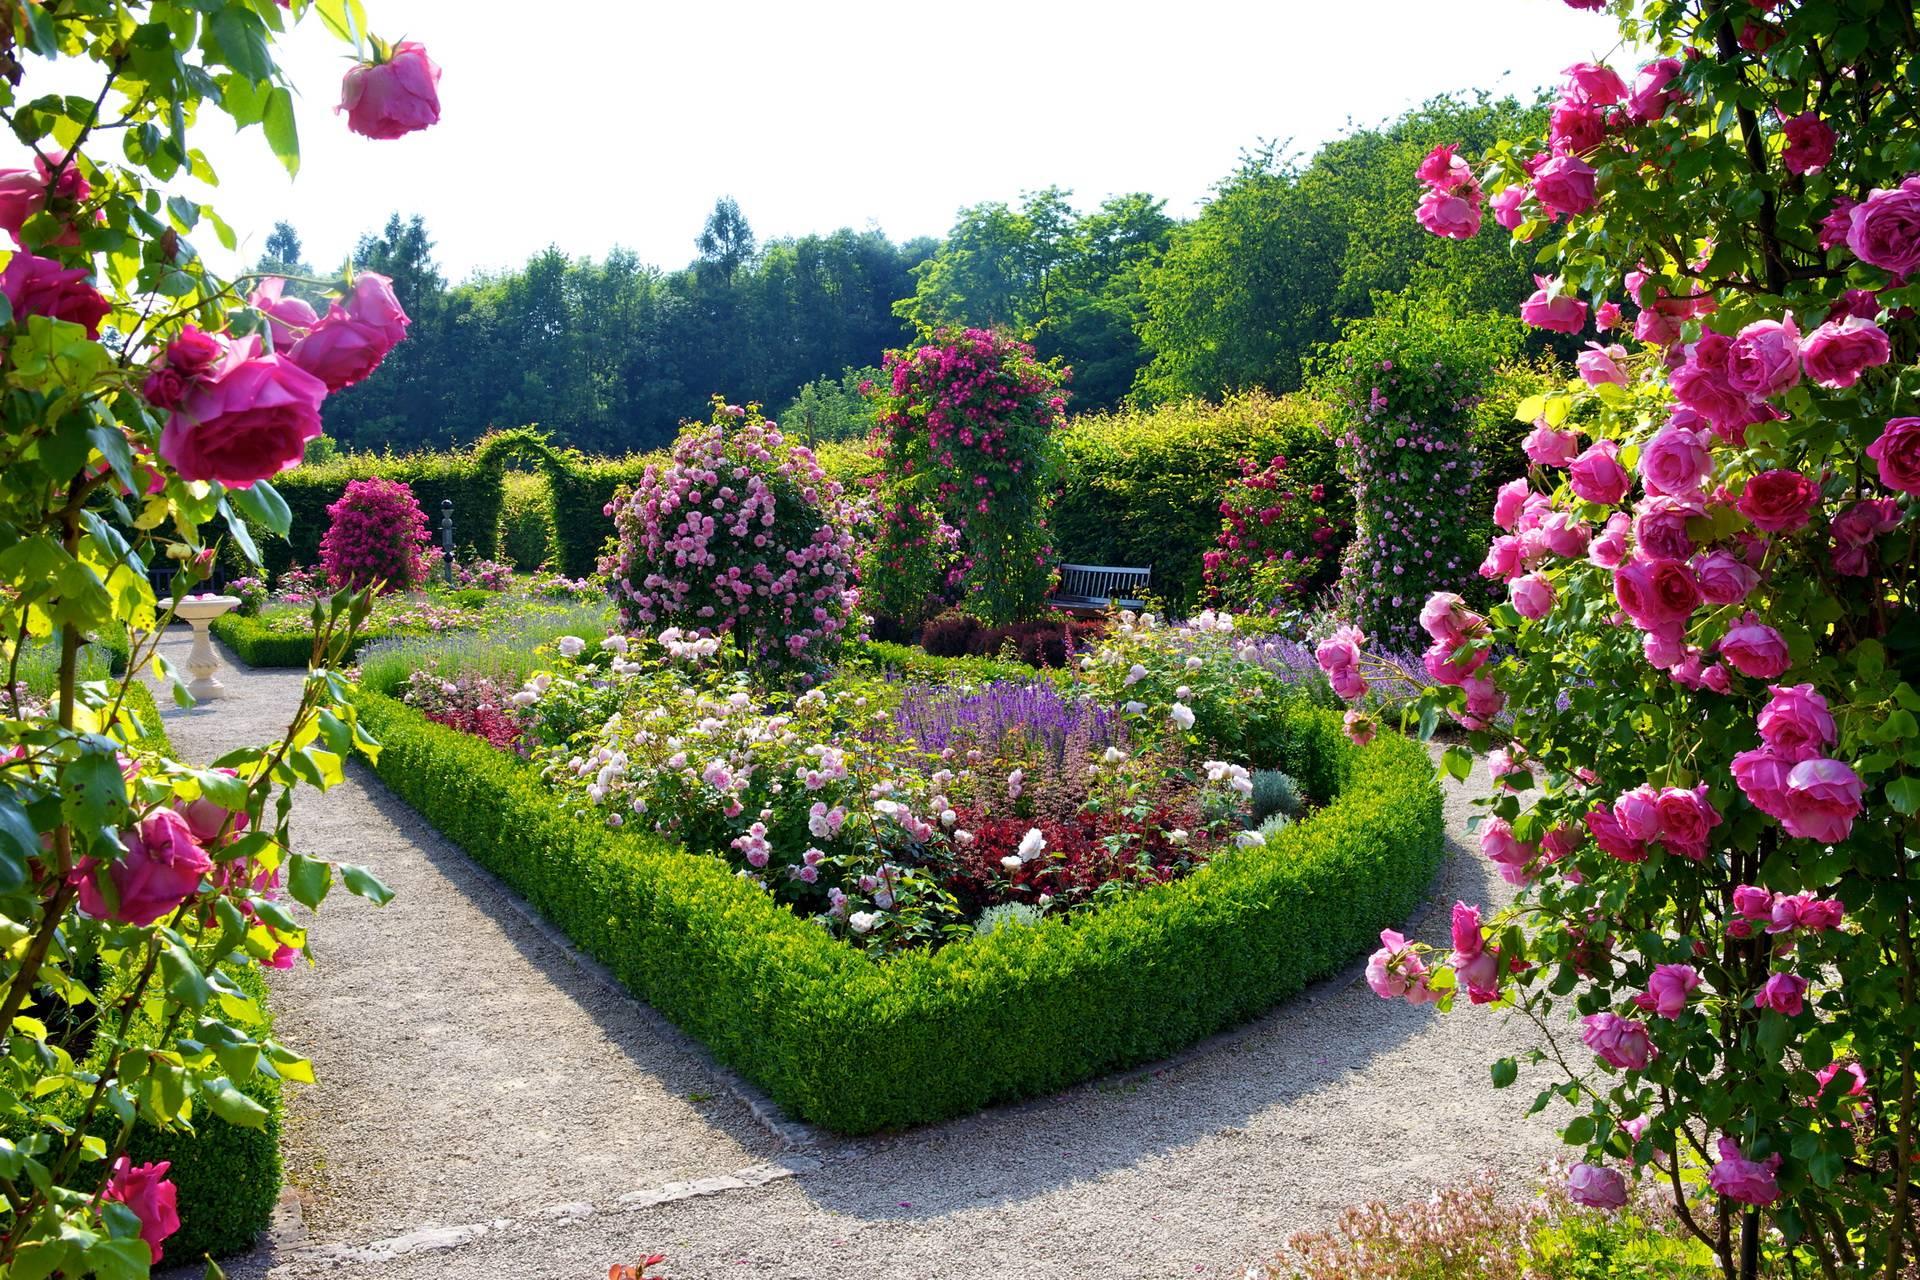 Wallpaper download garden - Flower Garden Wallpapers Best Wallpapers Download